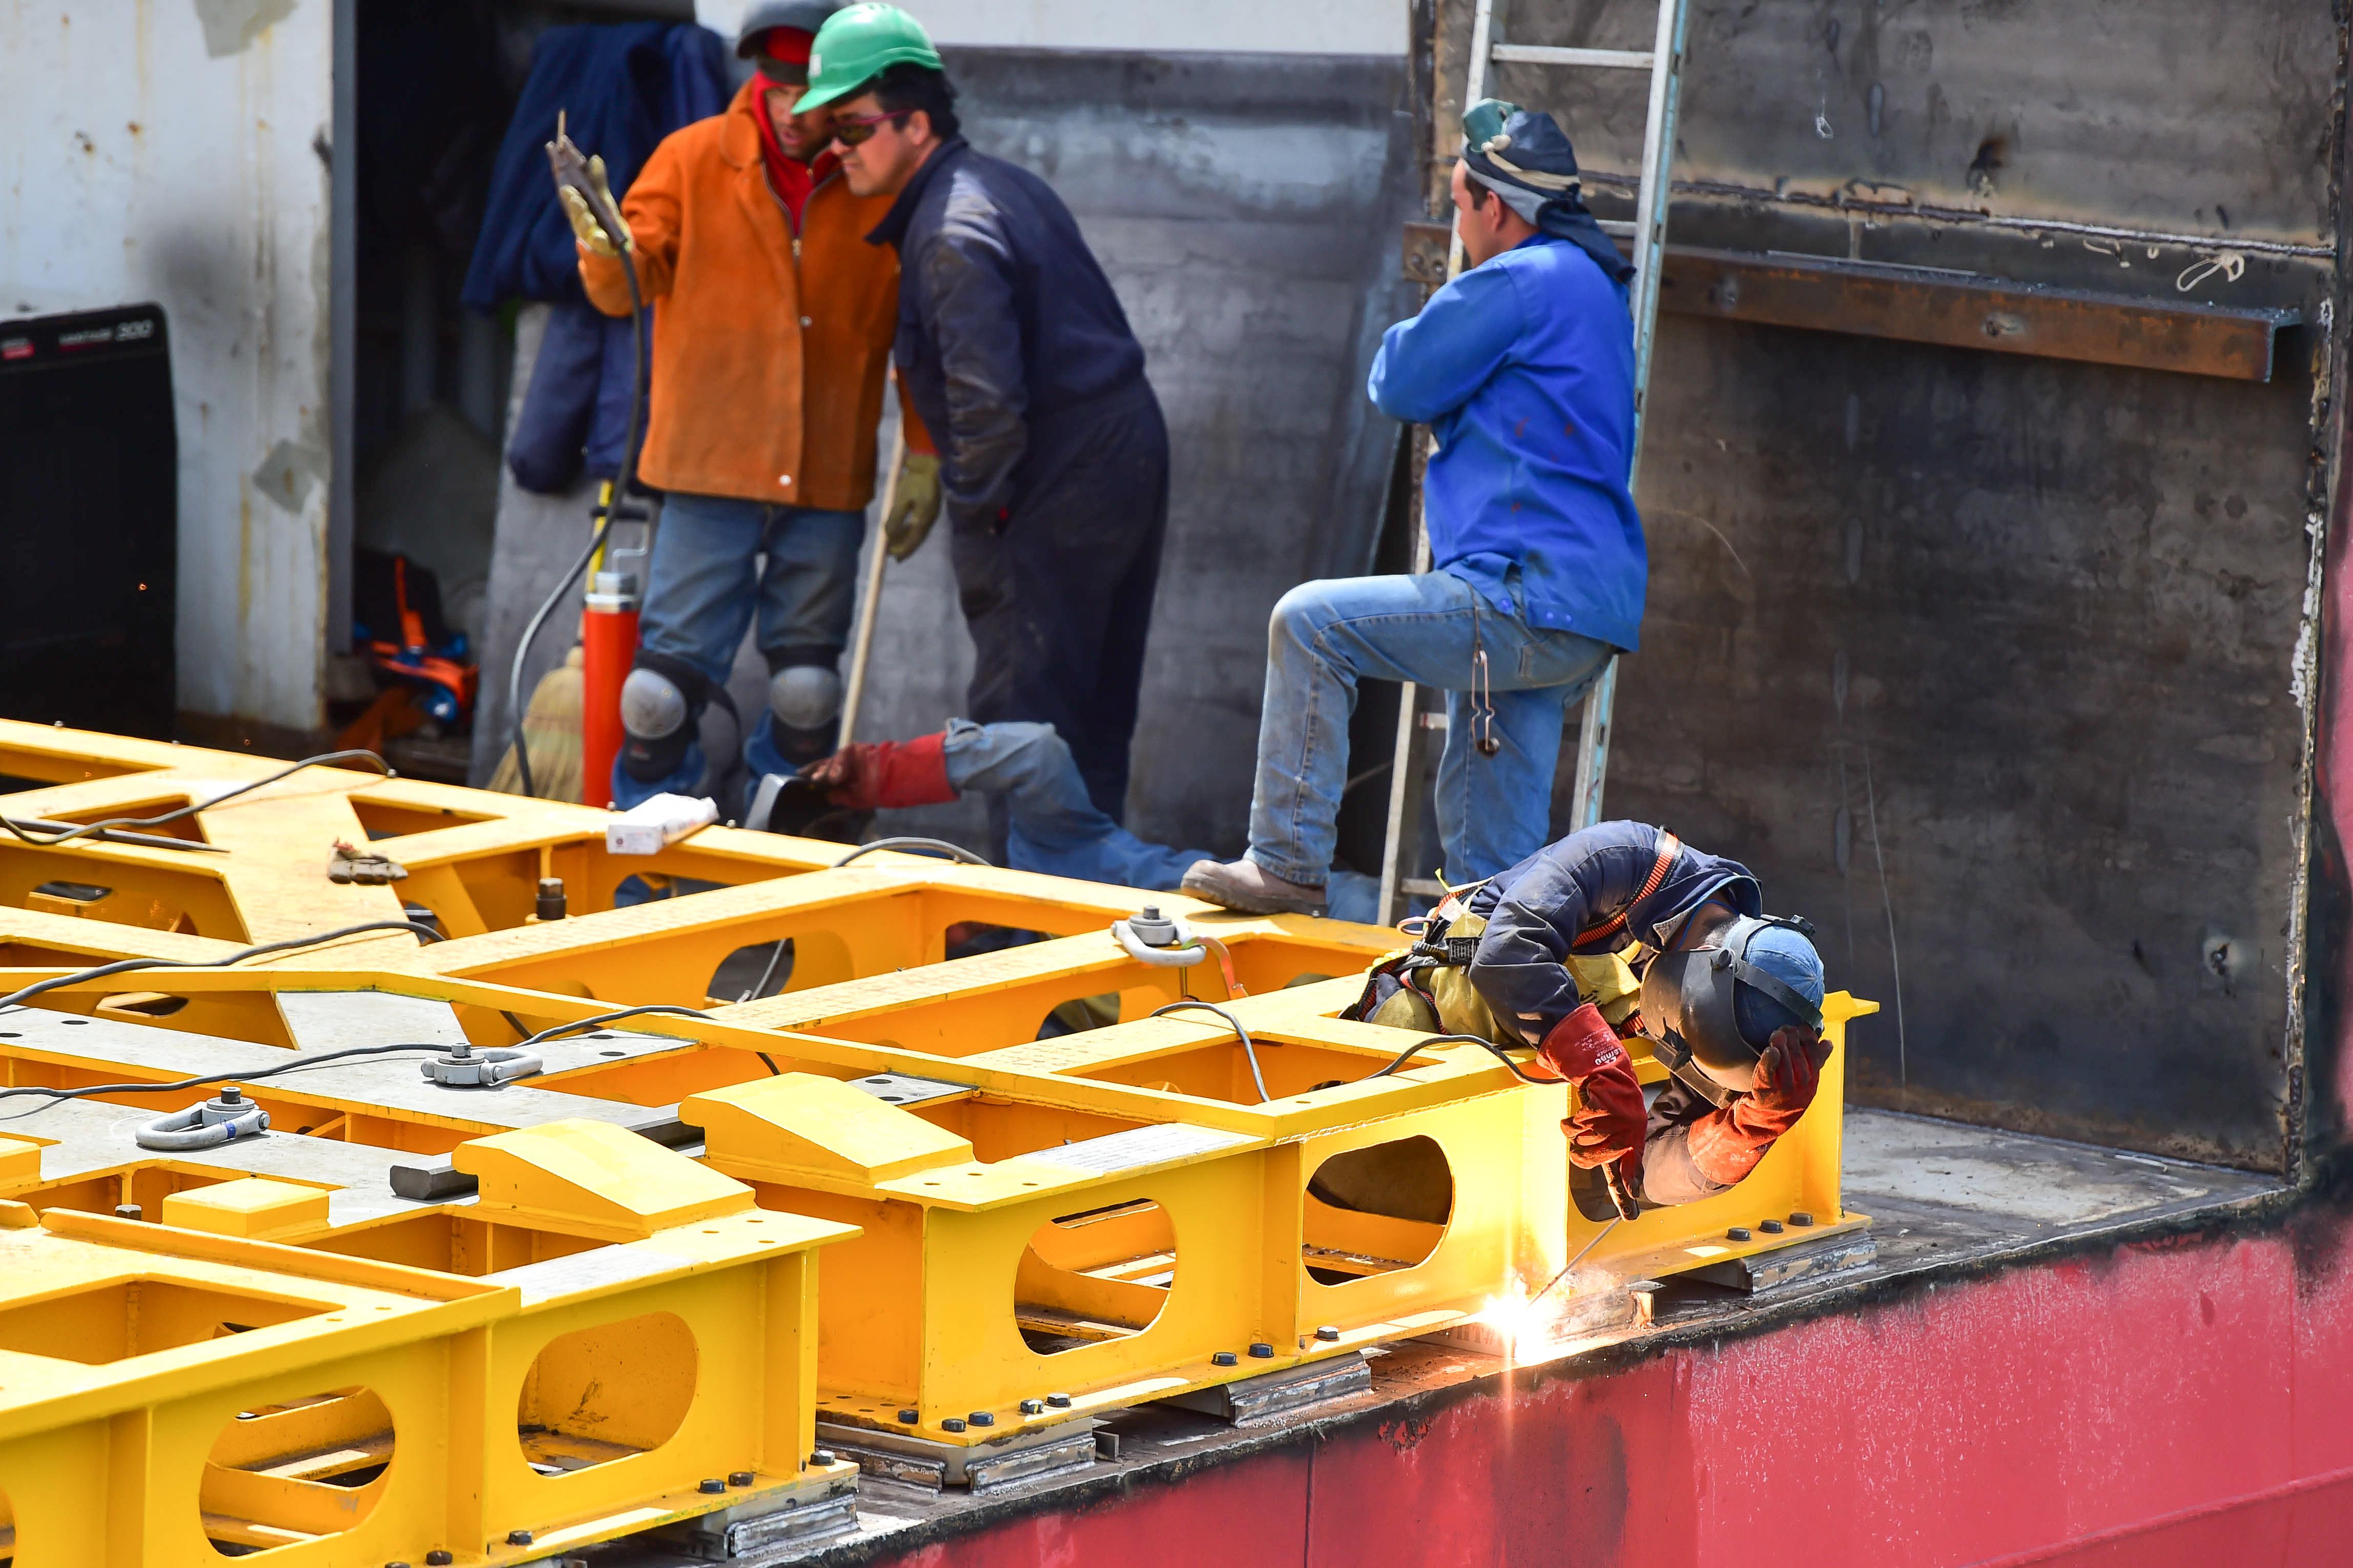 La Armada de EEUU habría pedido 44 chalecos salvavidas y ropa — Esperanza